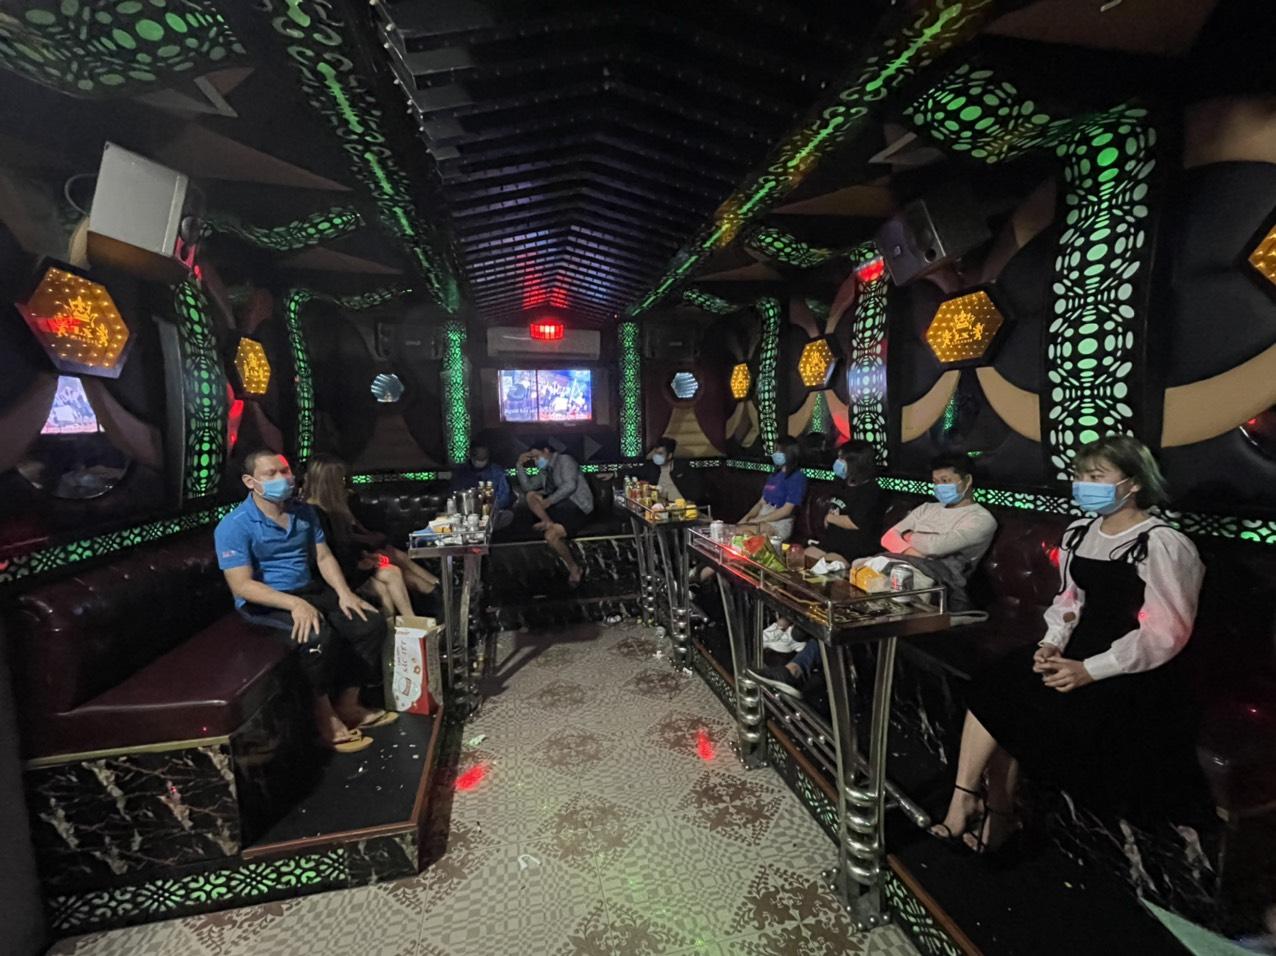 Tổ công tác phát hiện tại quán karaoke Xì Teen có 10 khách đang hát dù đang trong thời gian cấm do dịch Covid-19